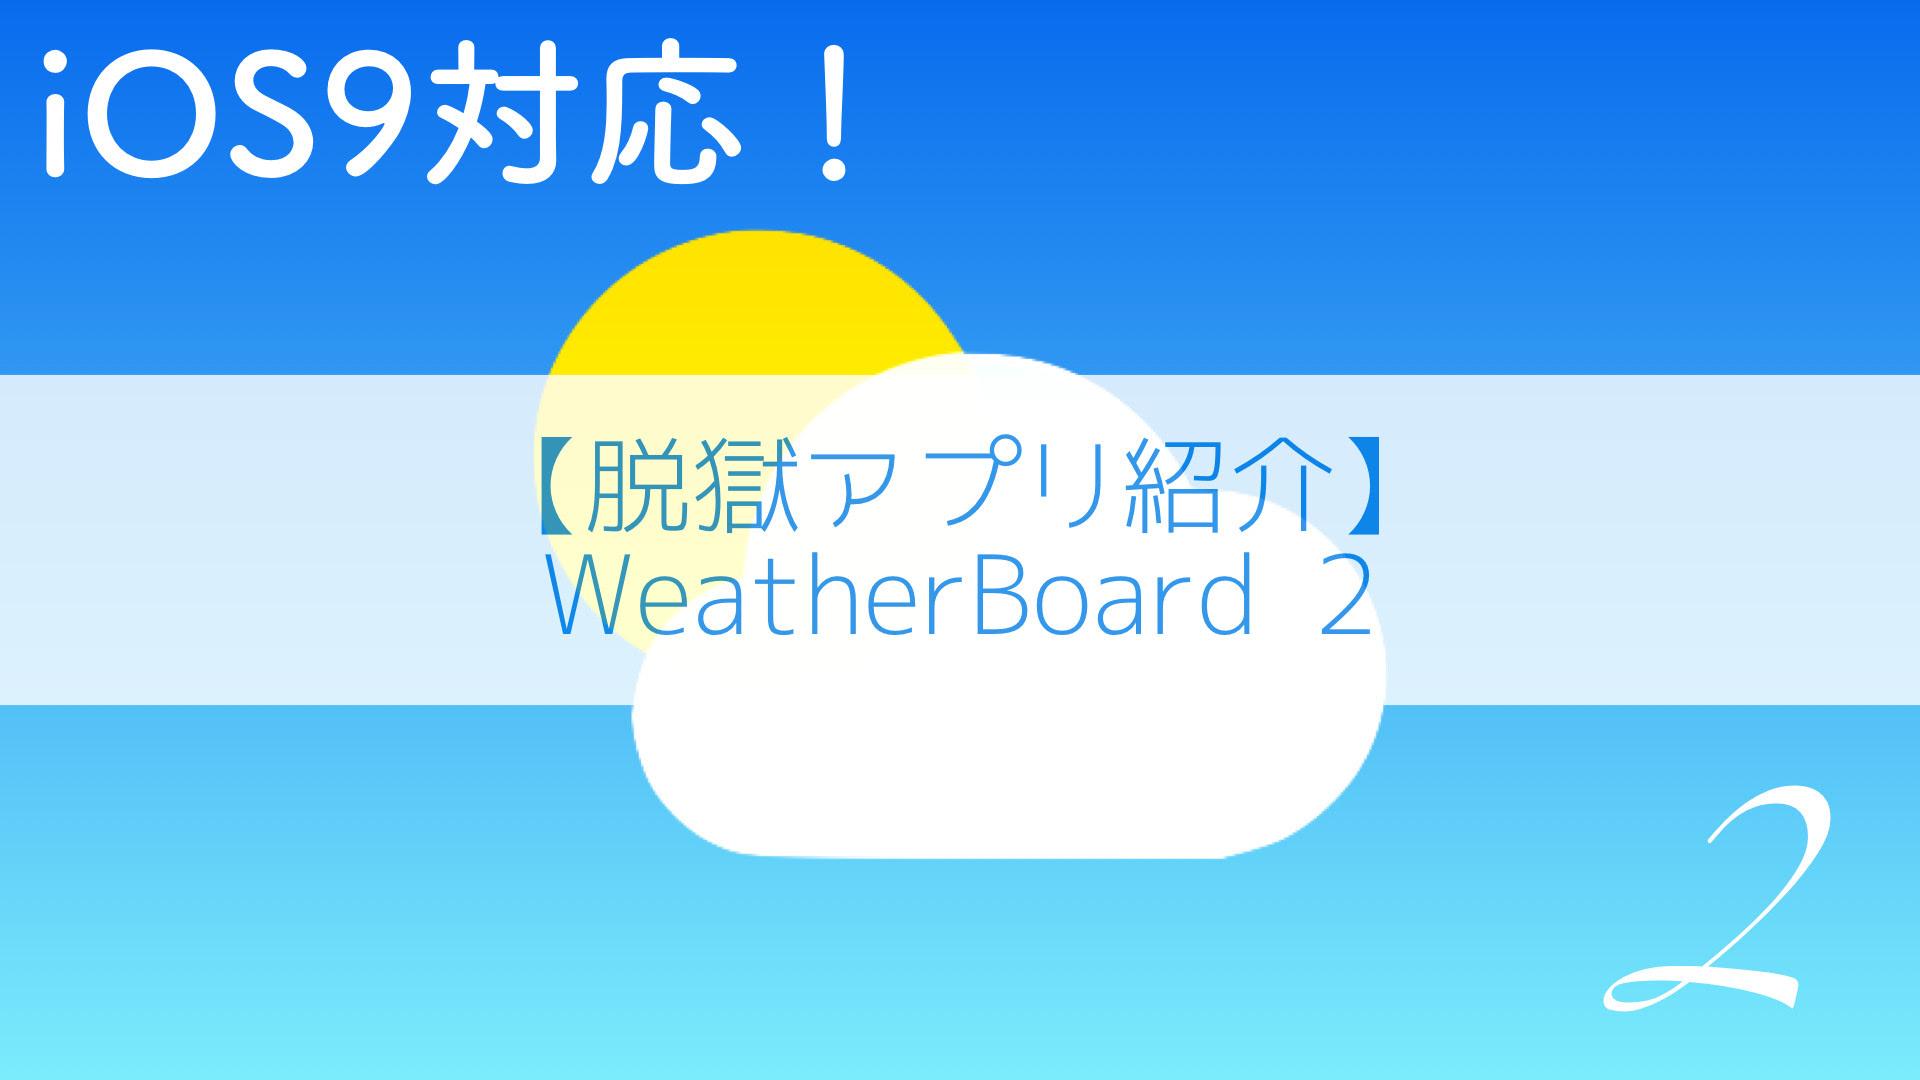 脱獄アプリ紹介 Weatherboard 2 Mac Iosの小技